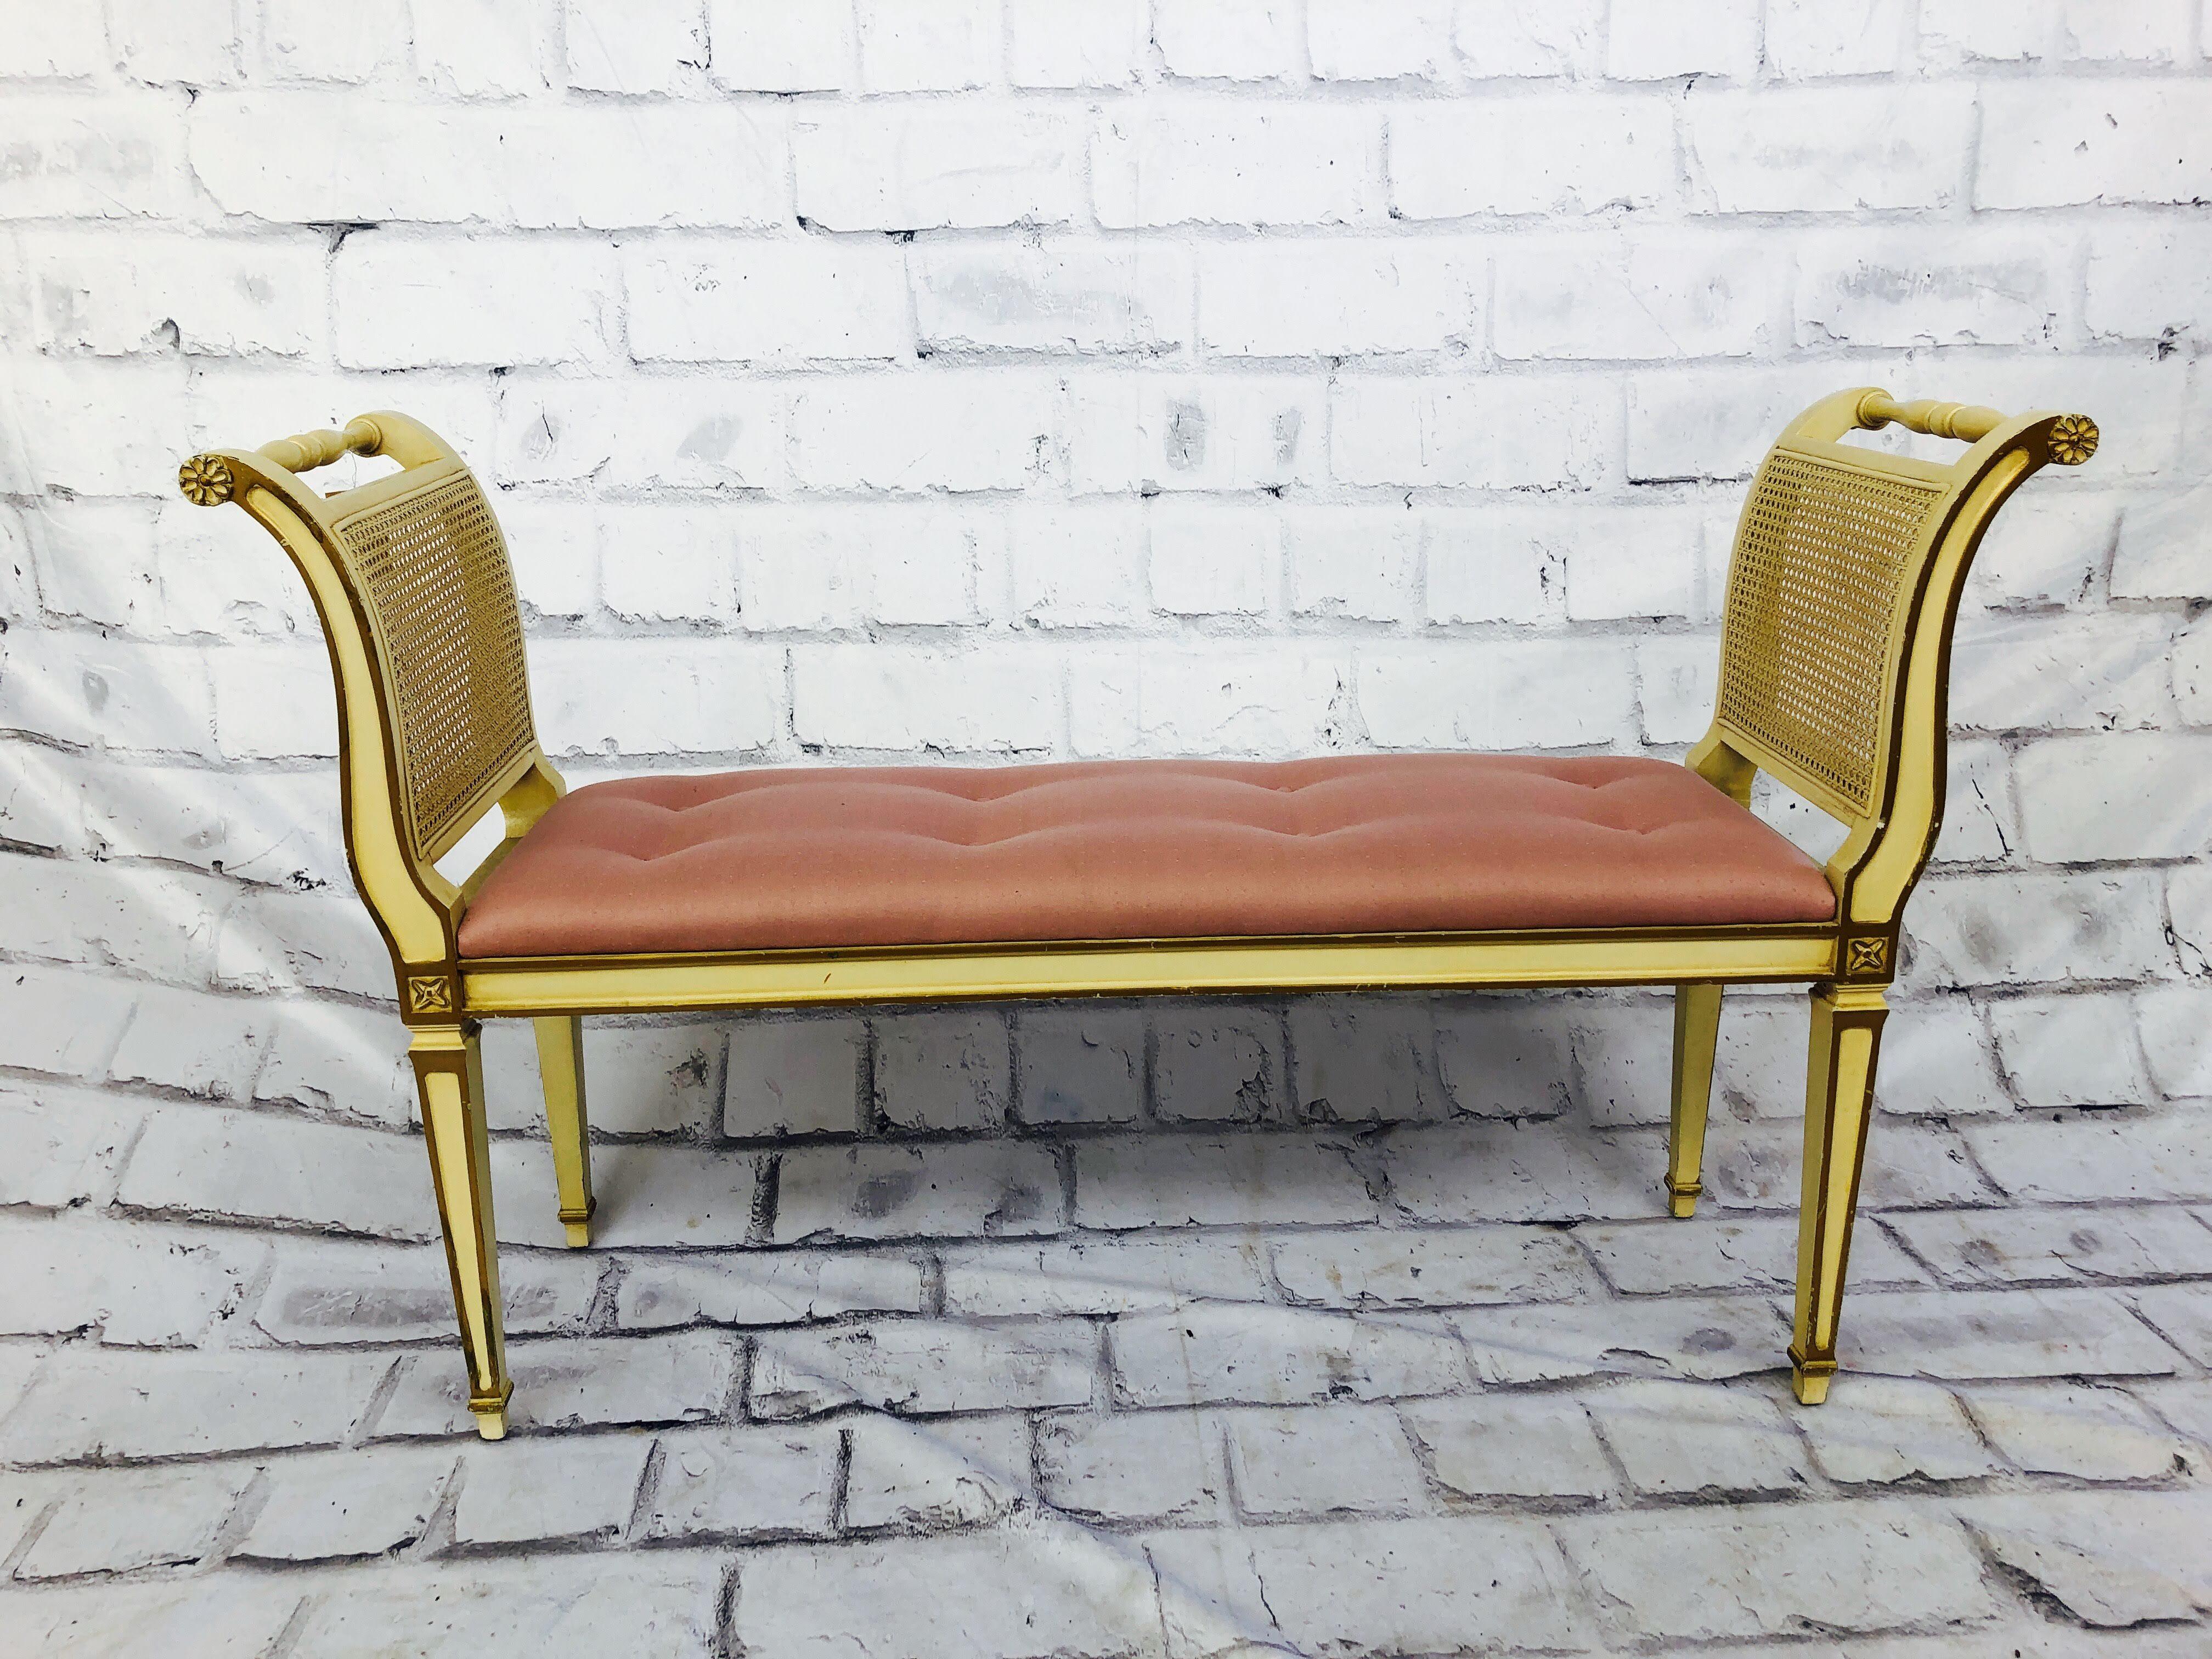 品番2659 ロングスツール ベンチソファ チェア ピンク 椅子 木製 アンティーク